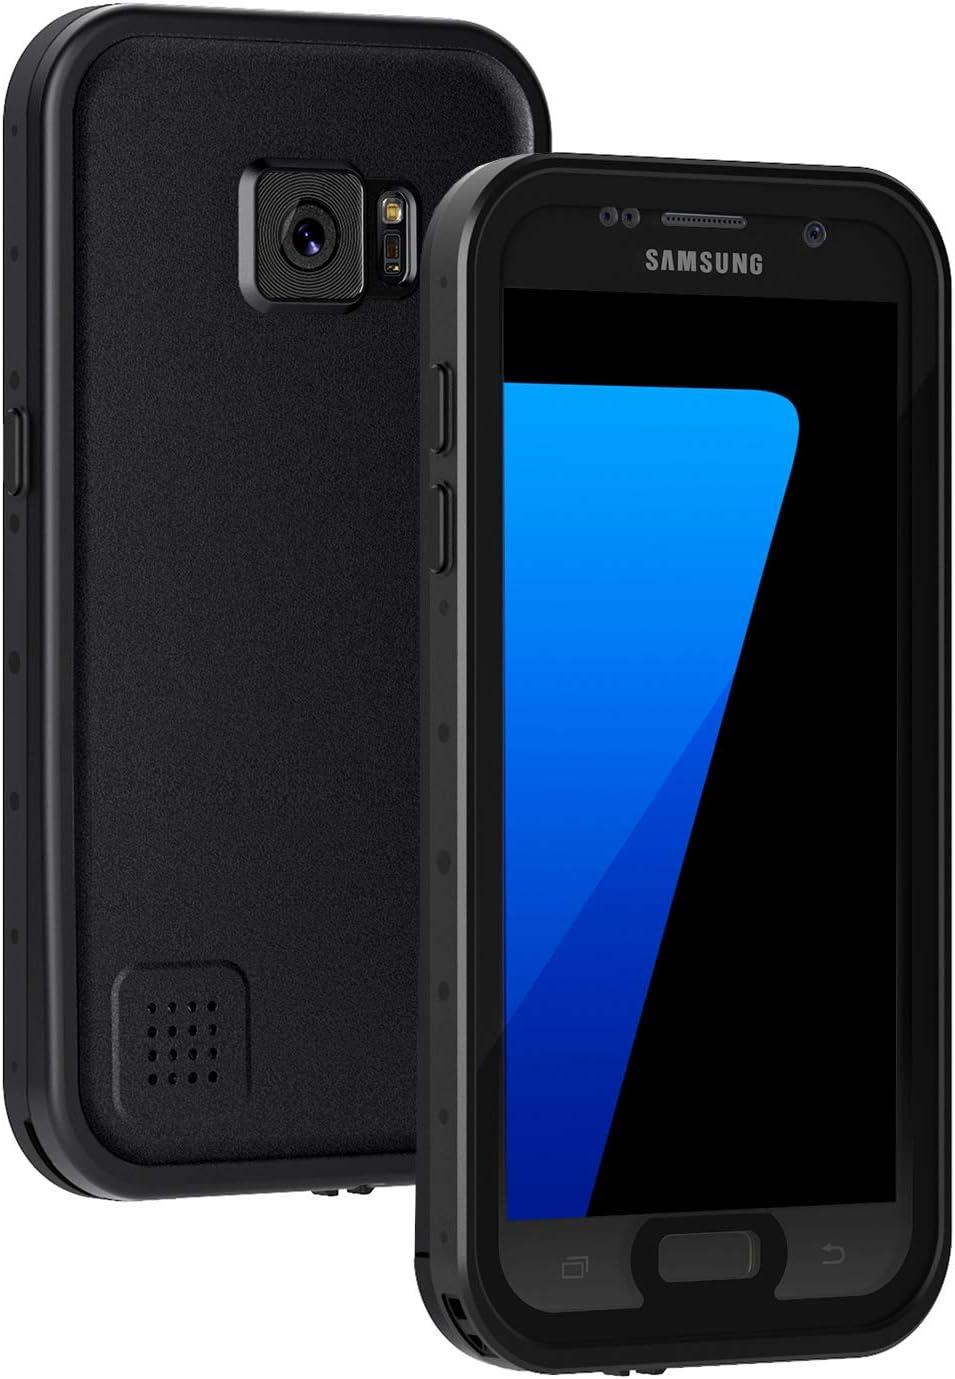 Lanhiem Funda Impermeable Samsung Galaxy S7,Carcasa Resistente Al Agua IP68 Certificado [Protección de 360 Grados],Carcasa para Galaxy S7 con Protector de Pantalla Incorporado,Negro